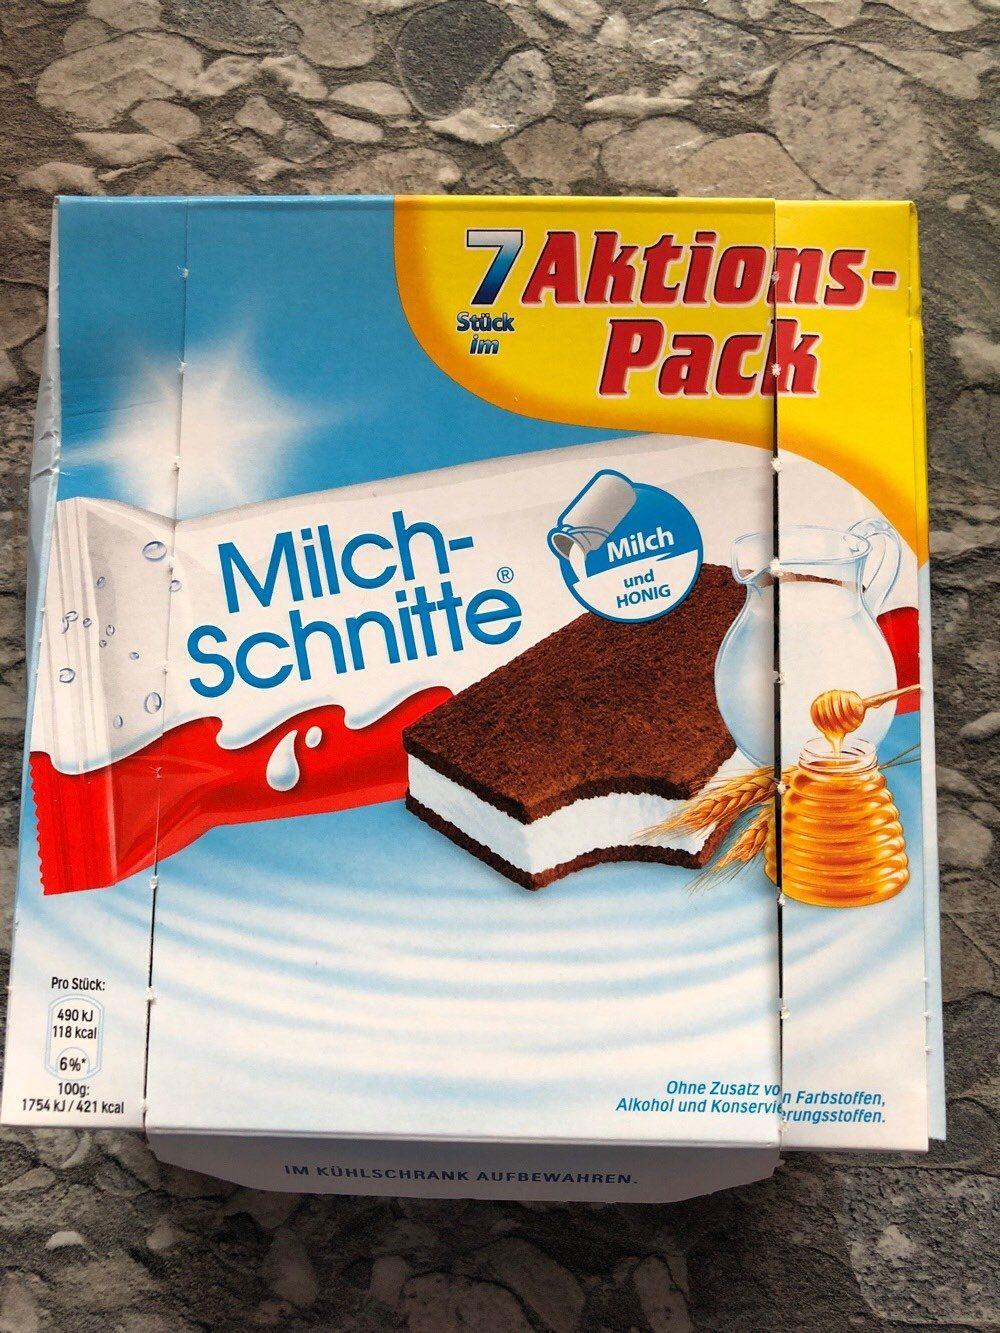 Milchschnitte Aktionspack - Produit - de